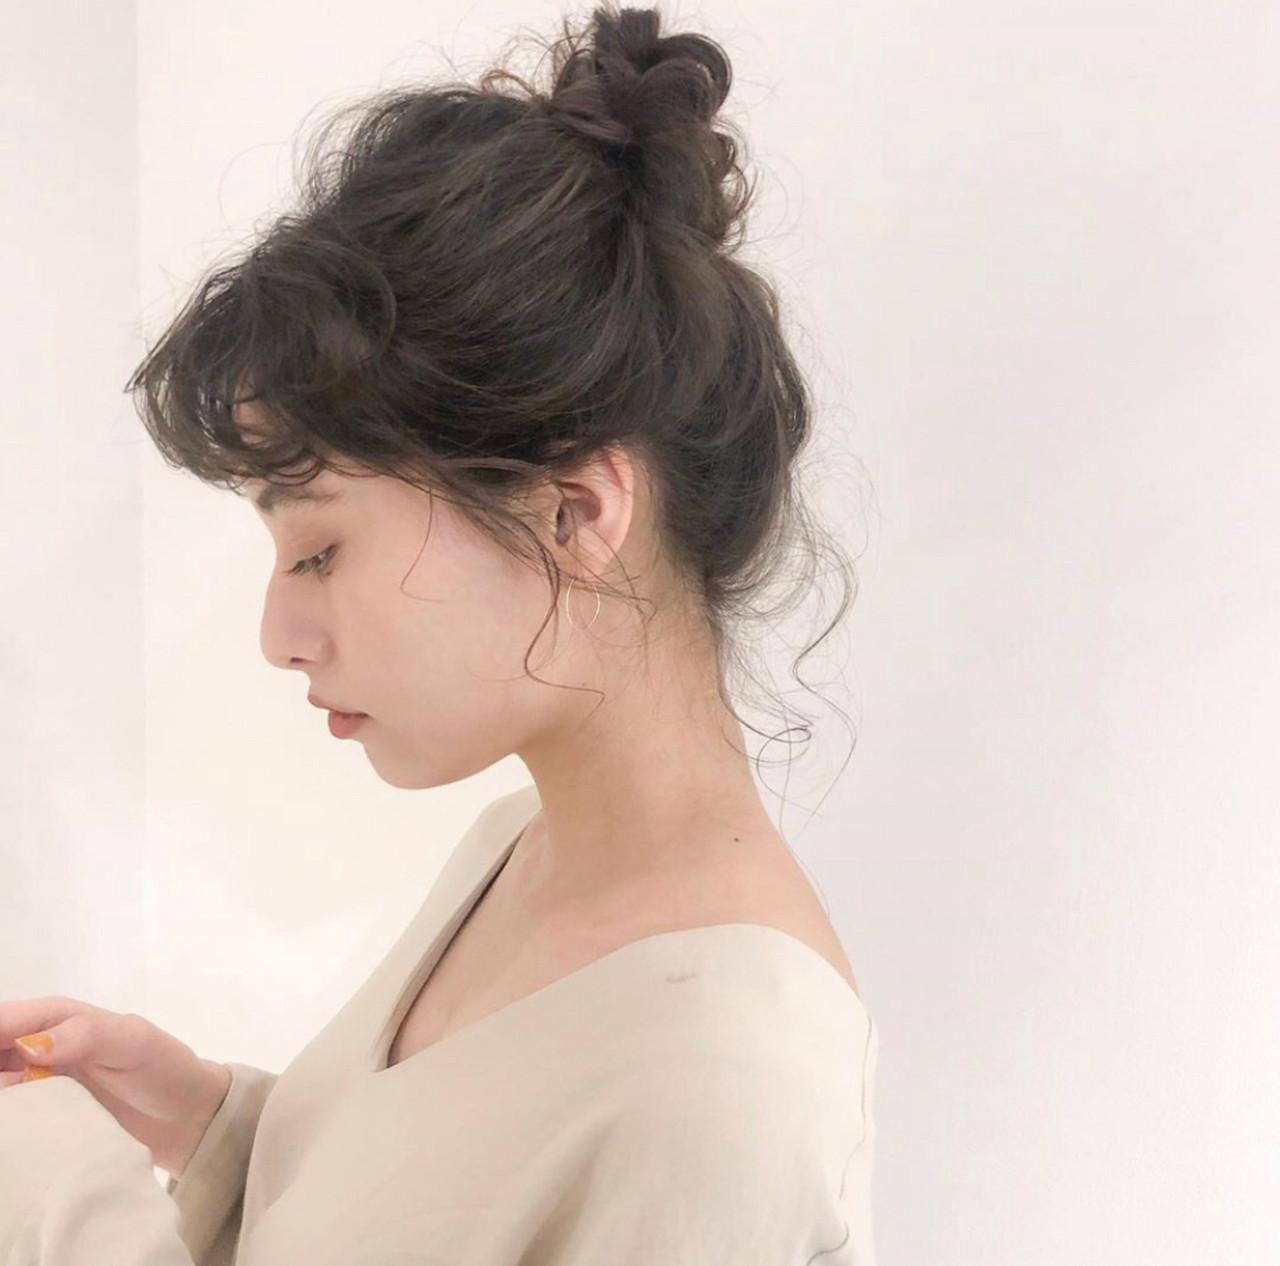 【お団子ヘアアレンジ10選】簡単でかわいいものだけ教えます♡